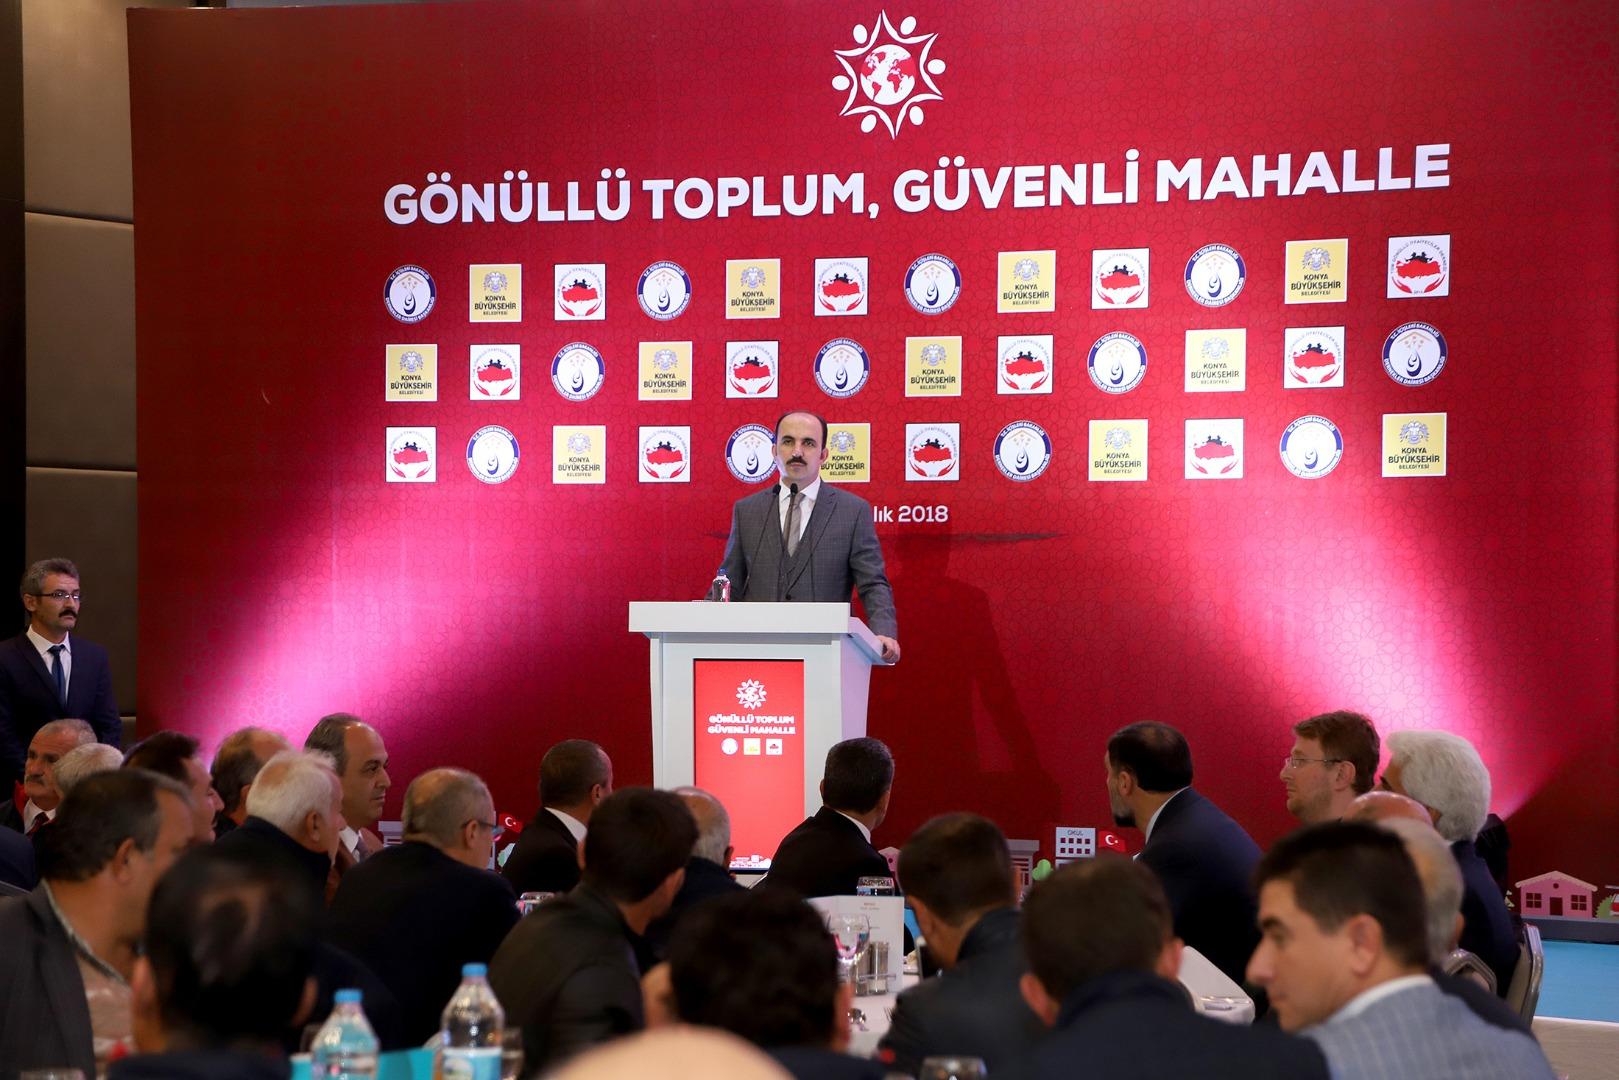 Başkan Altay: Konya Bir Gönüllüler Şehri